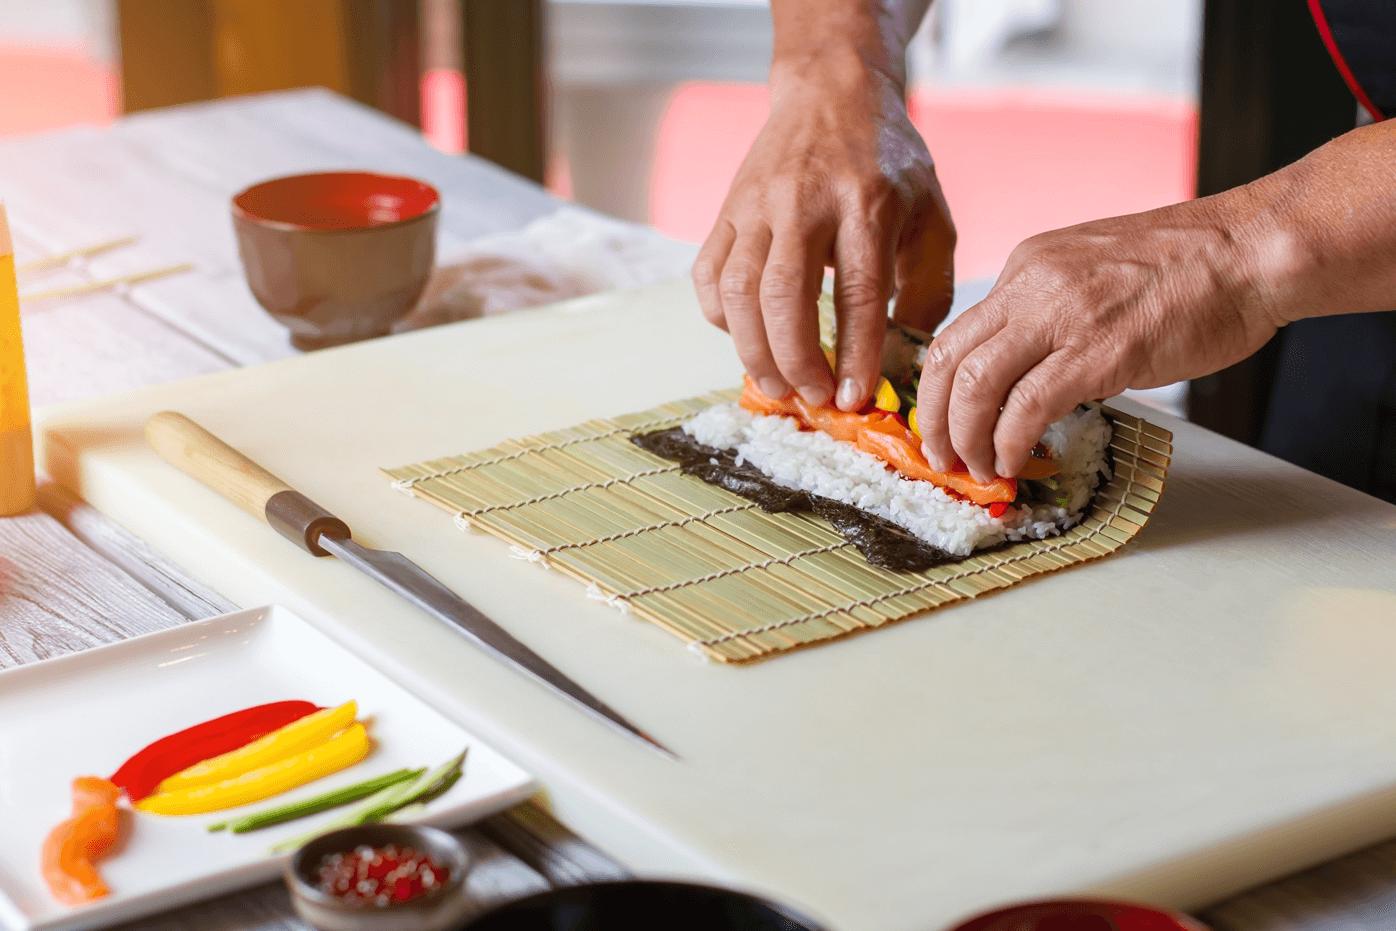 Preparazione del sushi a Brescia